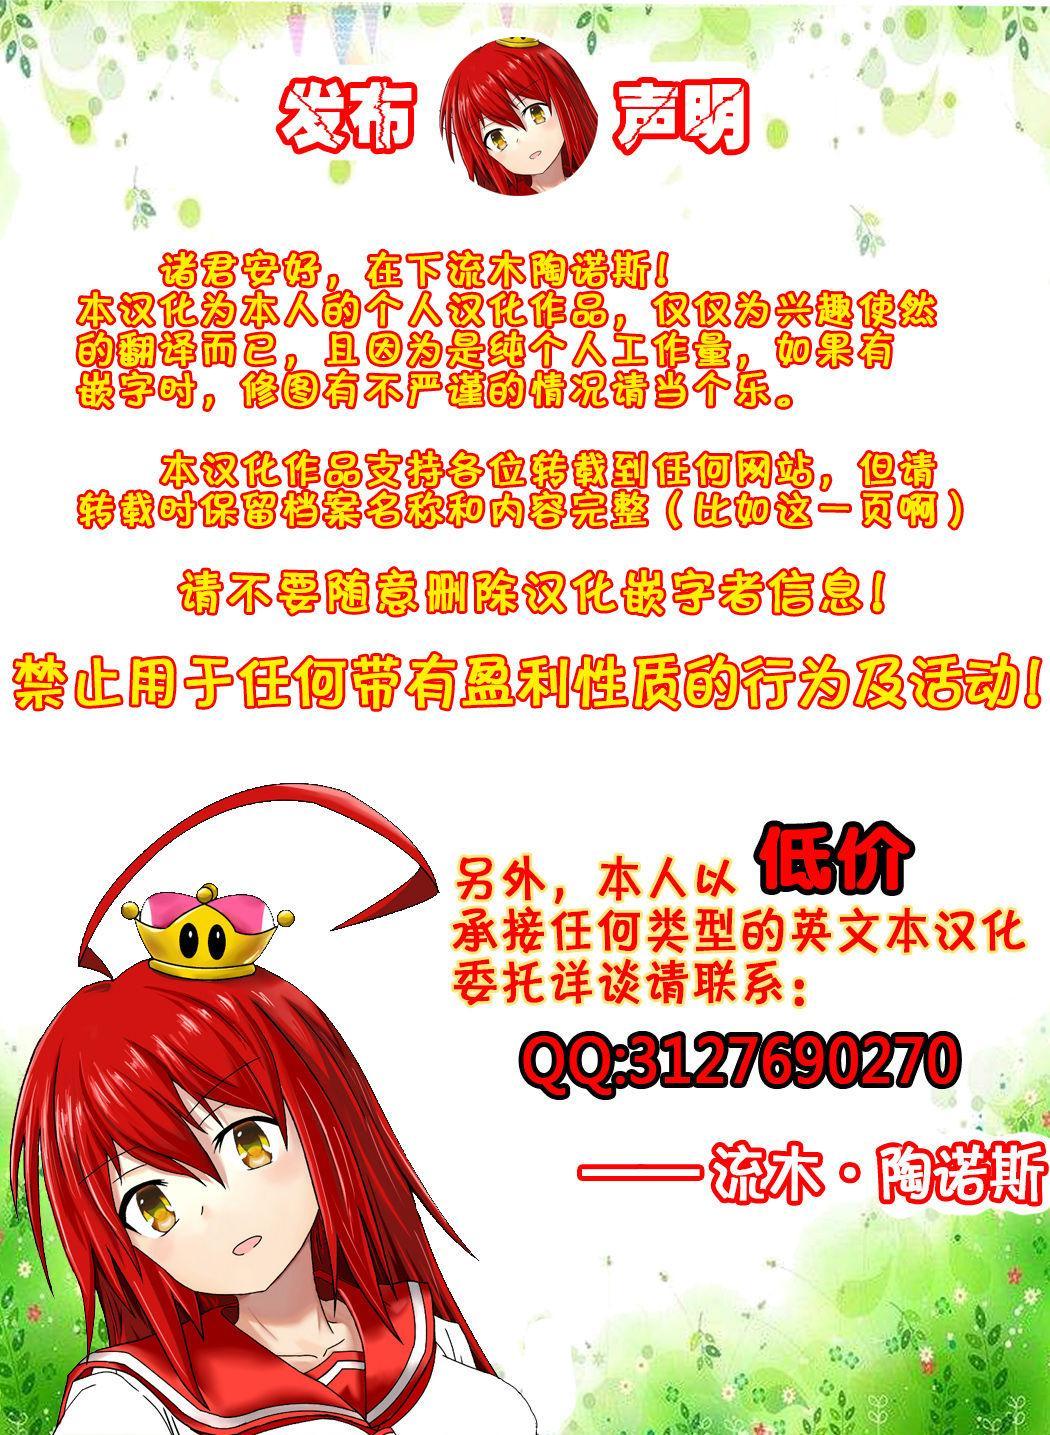 Angel's stroke 22 Datenshi Gekitsui 34